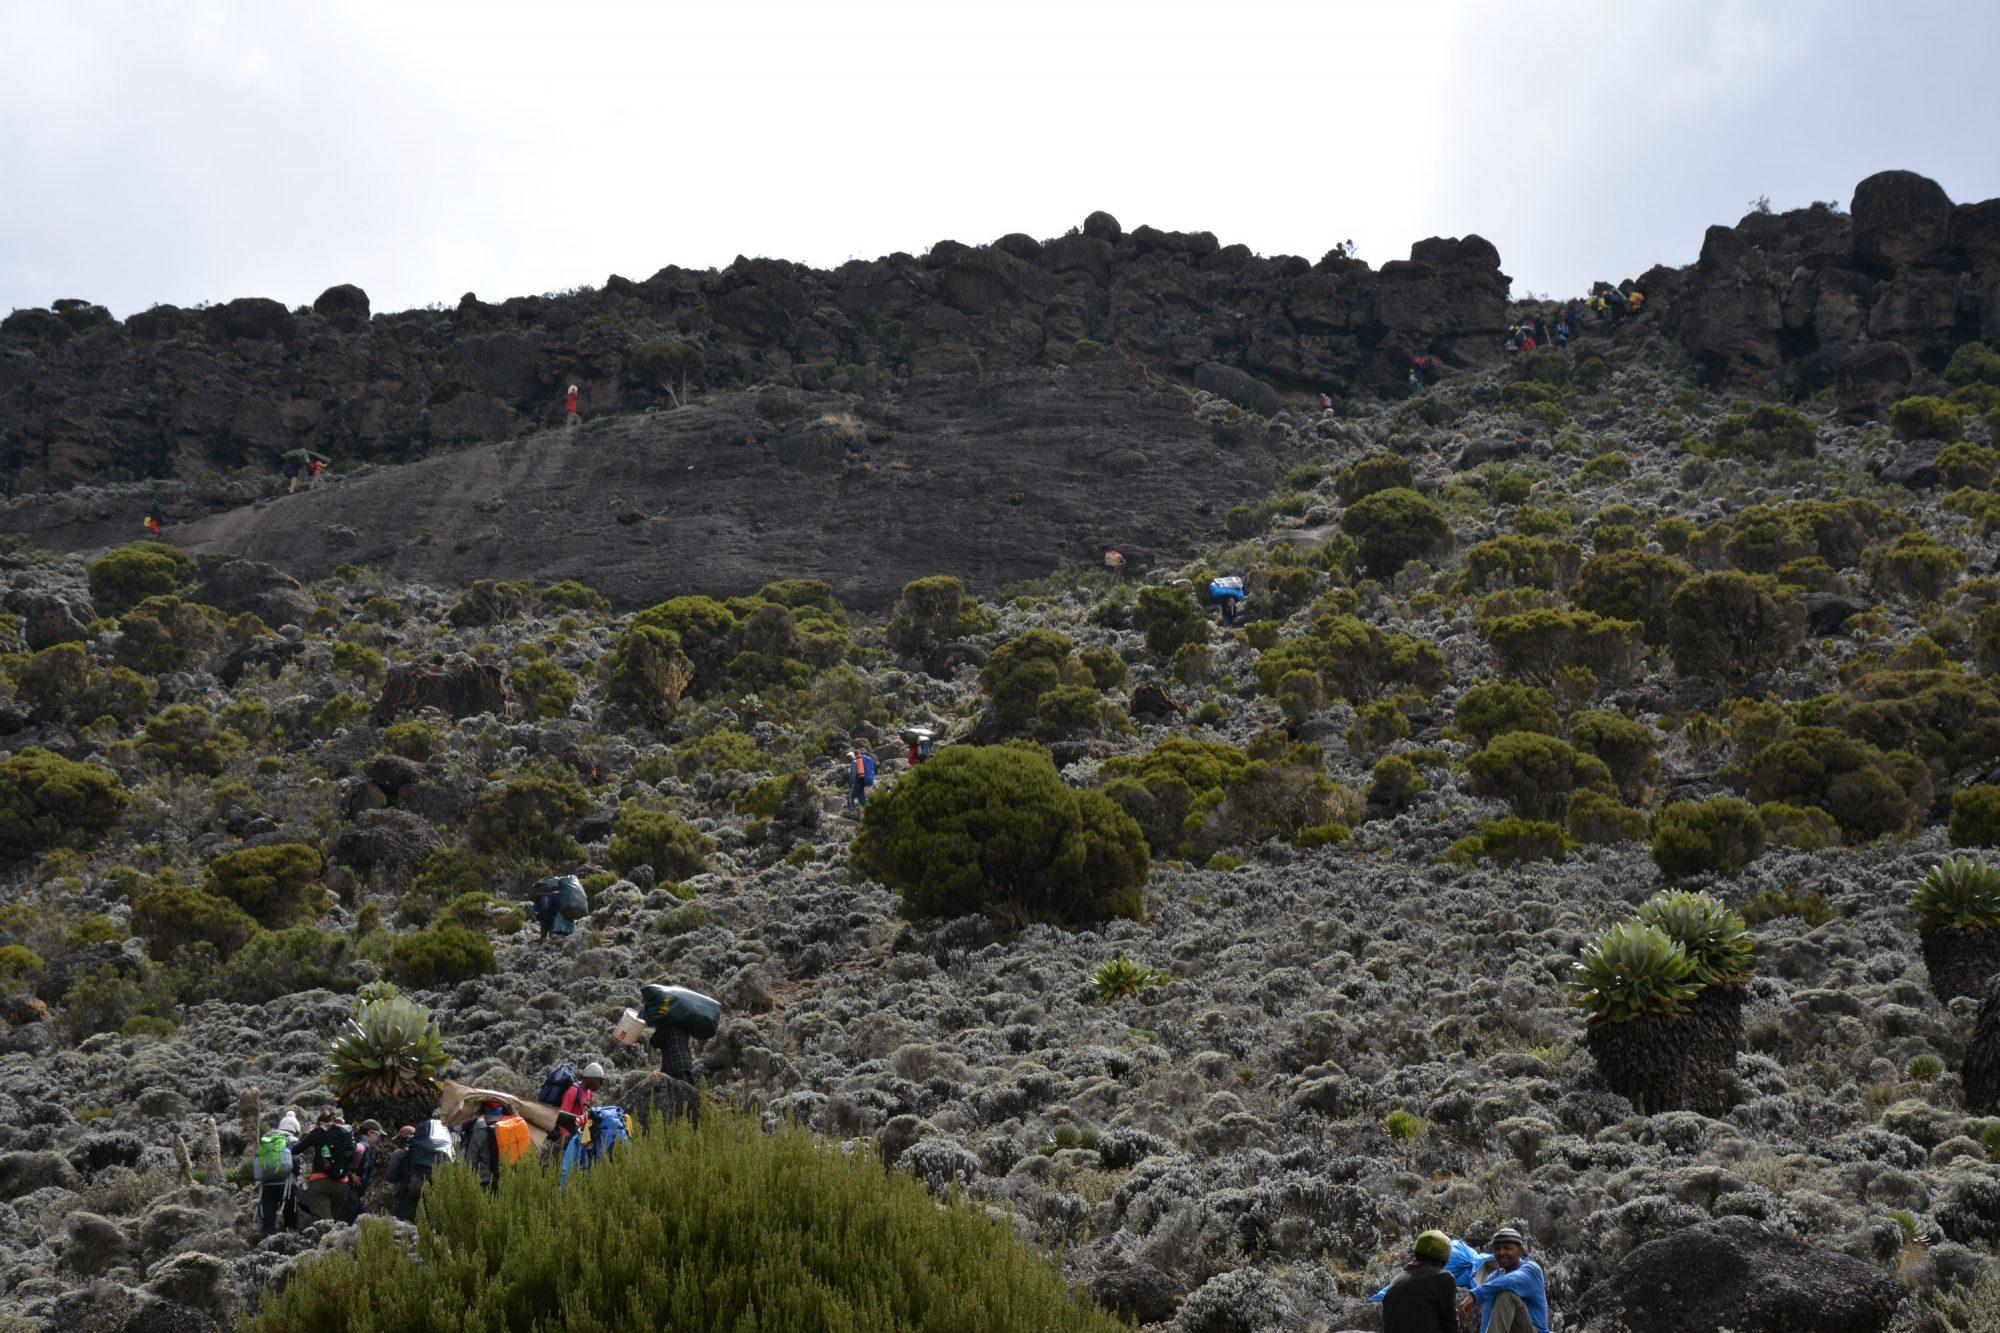 Schlucht Kilimandscharo, Kilimandscharo besteigen, Tansania, Afrika, Kilimandscharo Tour, Erfahrungsbericht, Machame Route